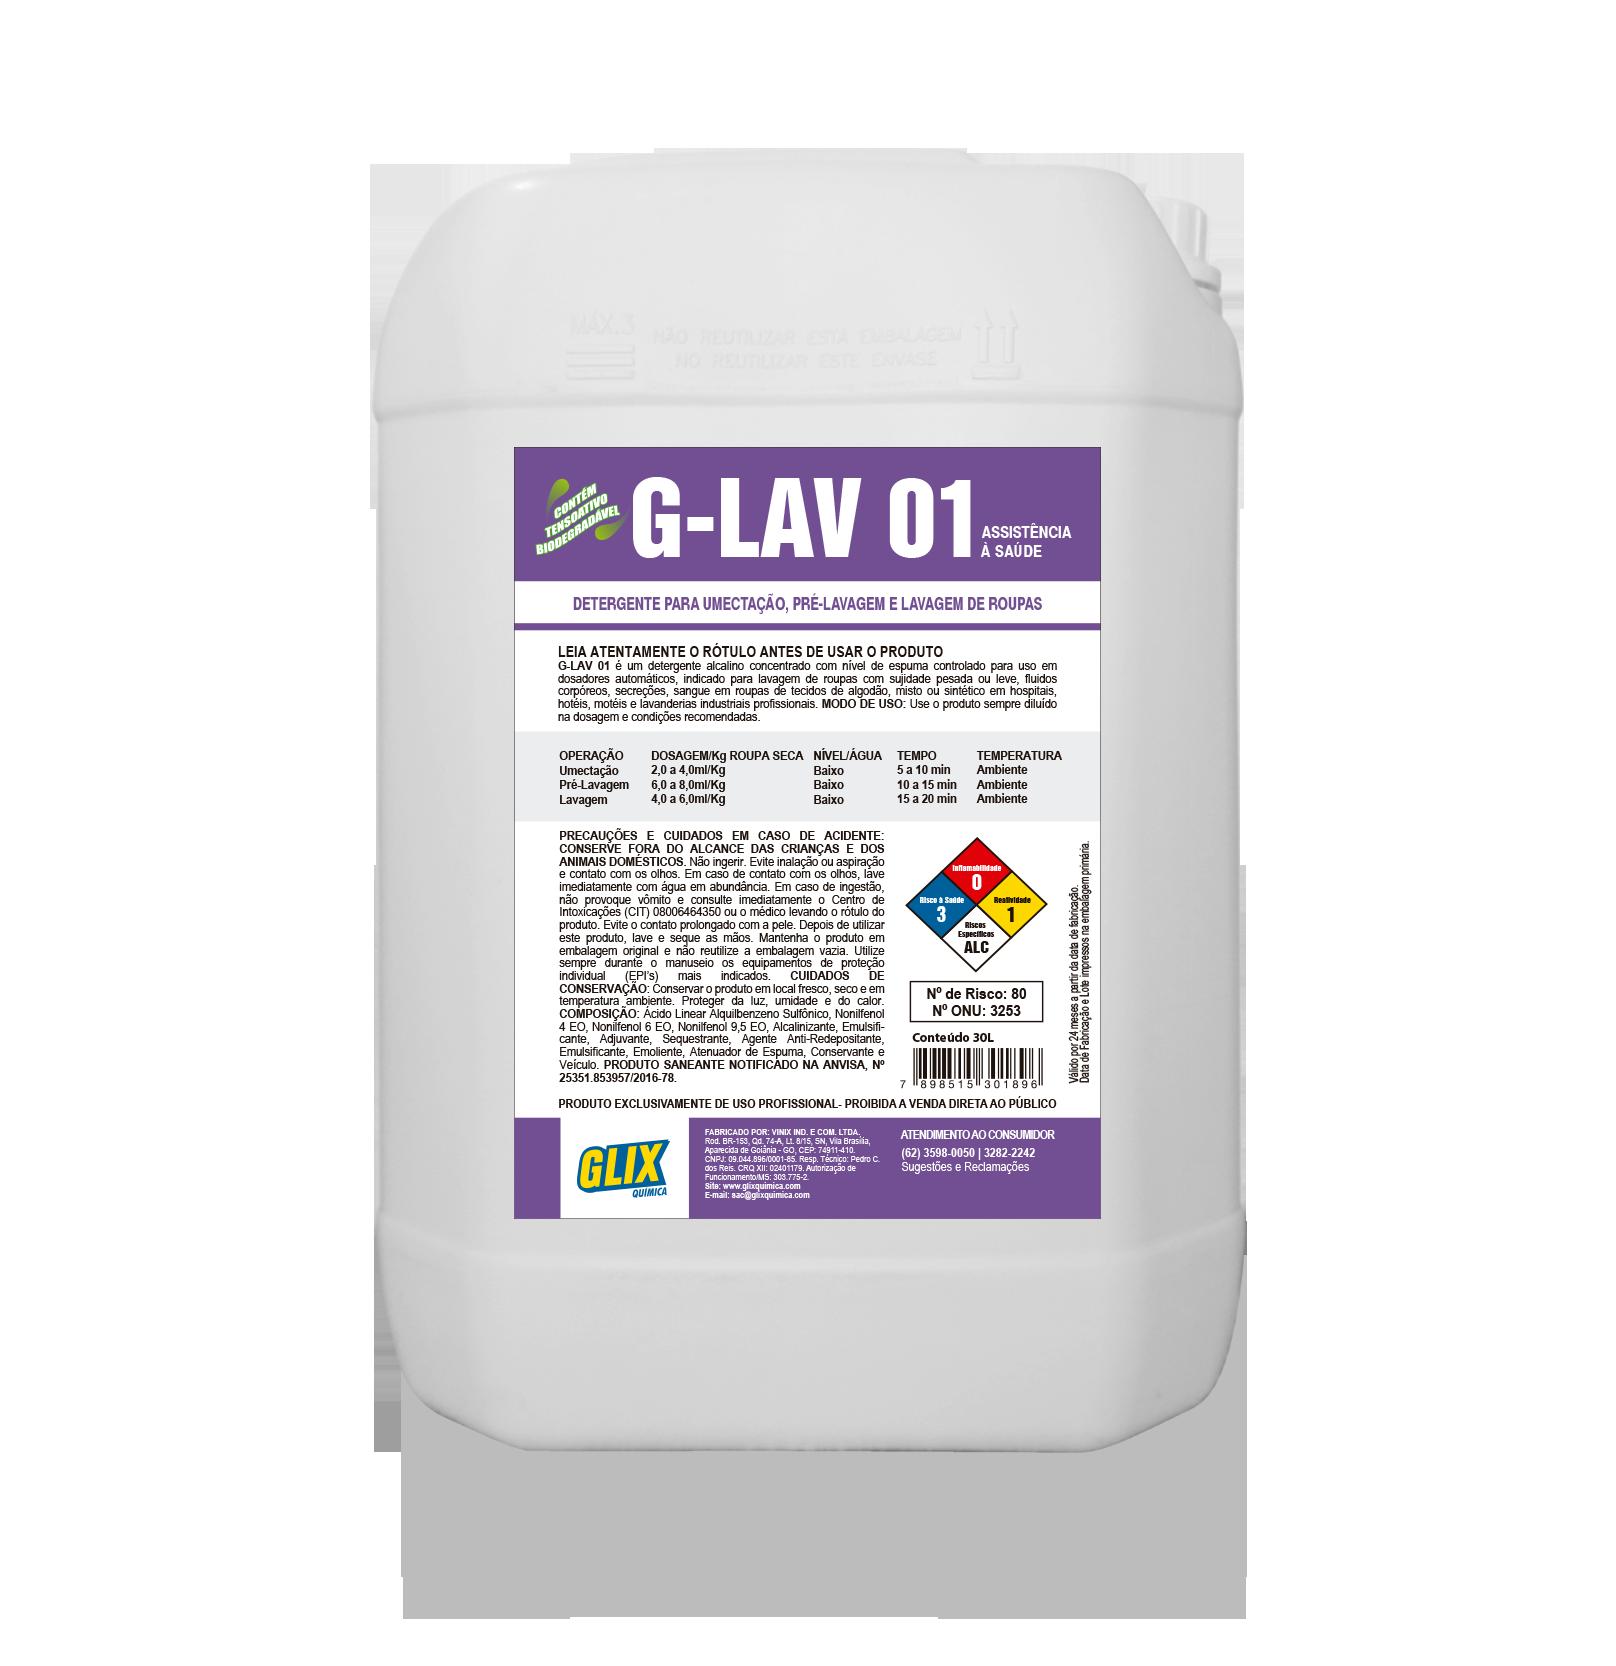 G-LAV 01